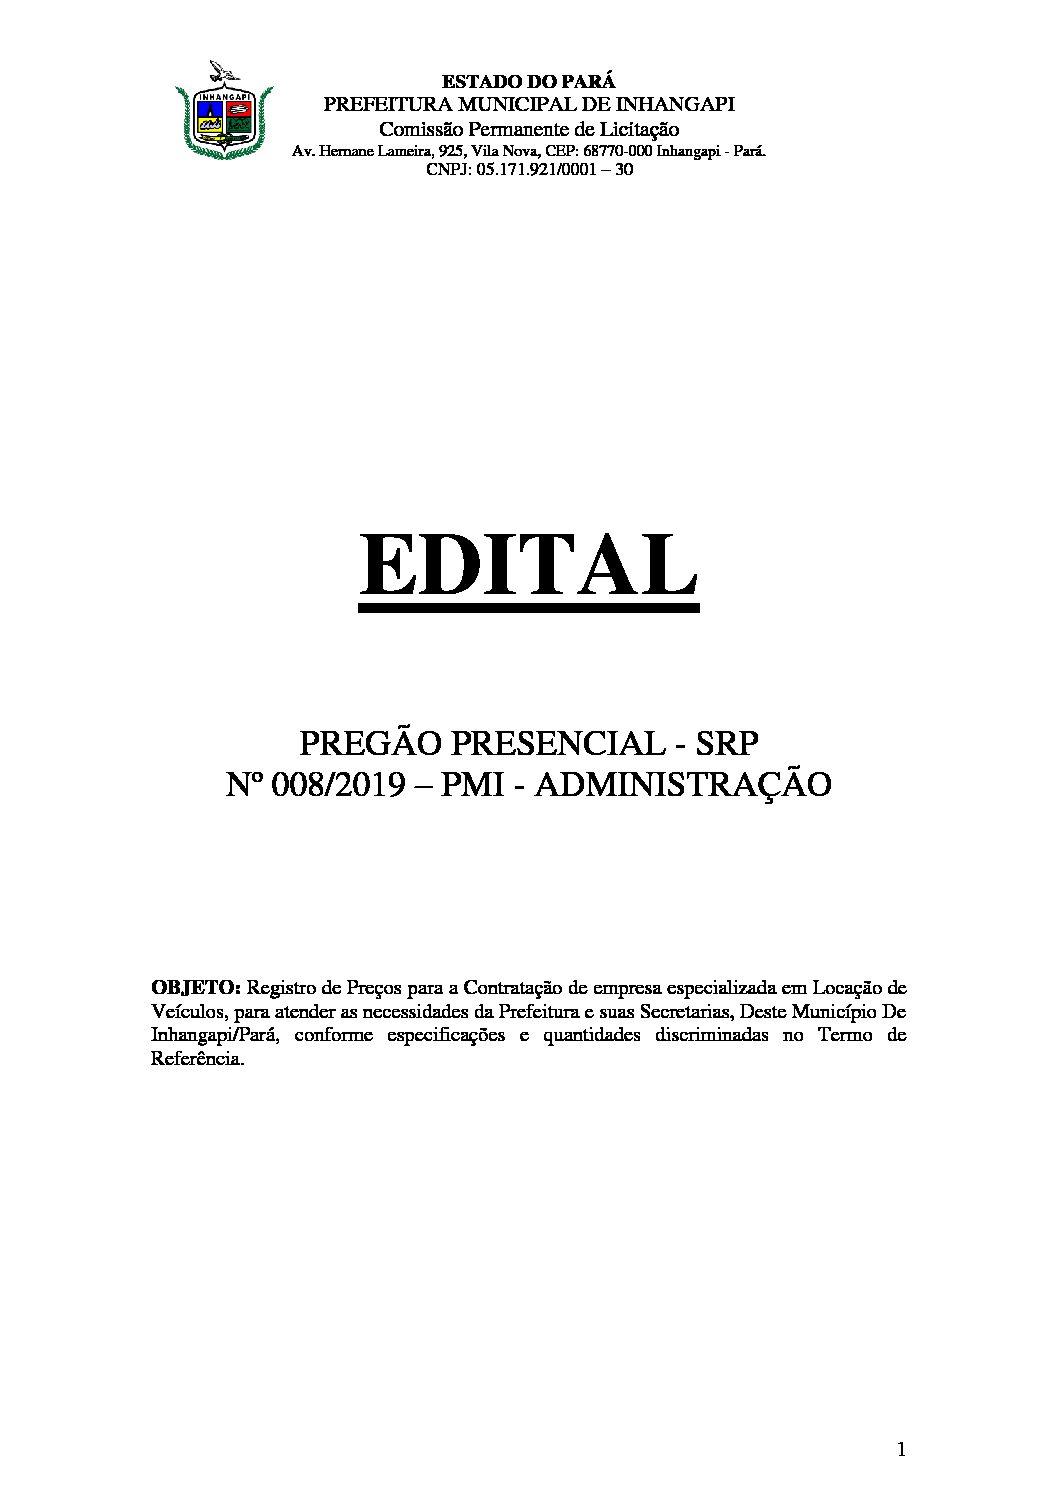 Edital-PP-SRP-nº 008.2019 - Locação de Veículos.assinado ...